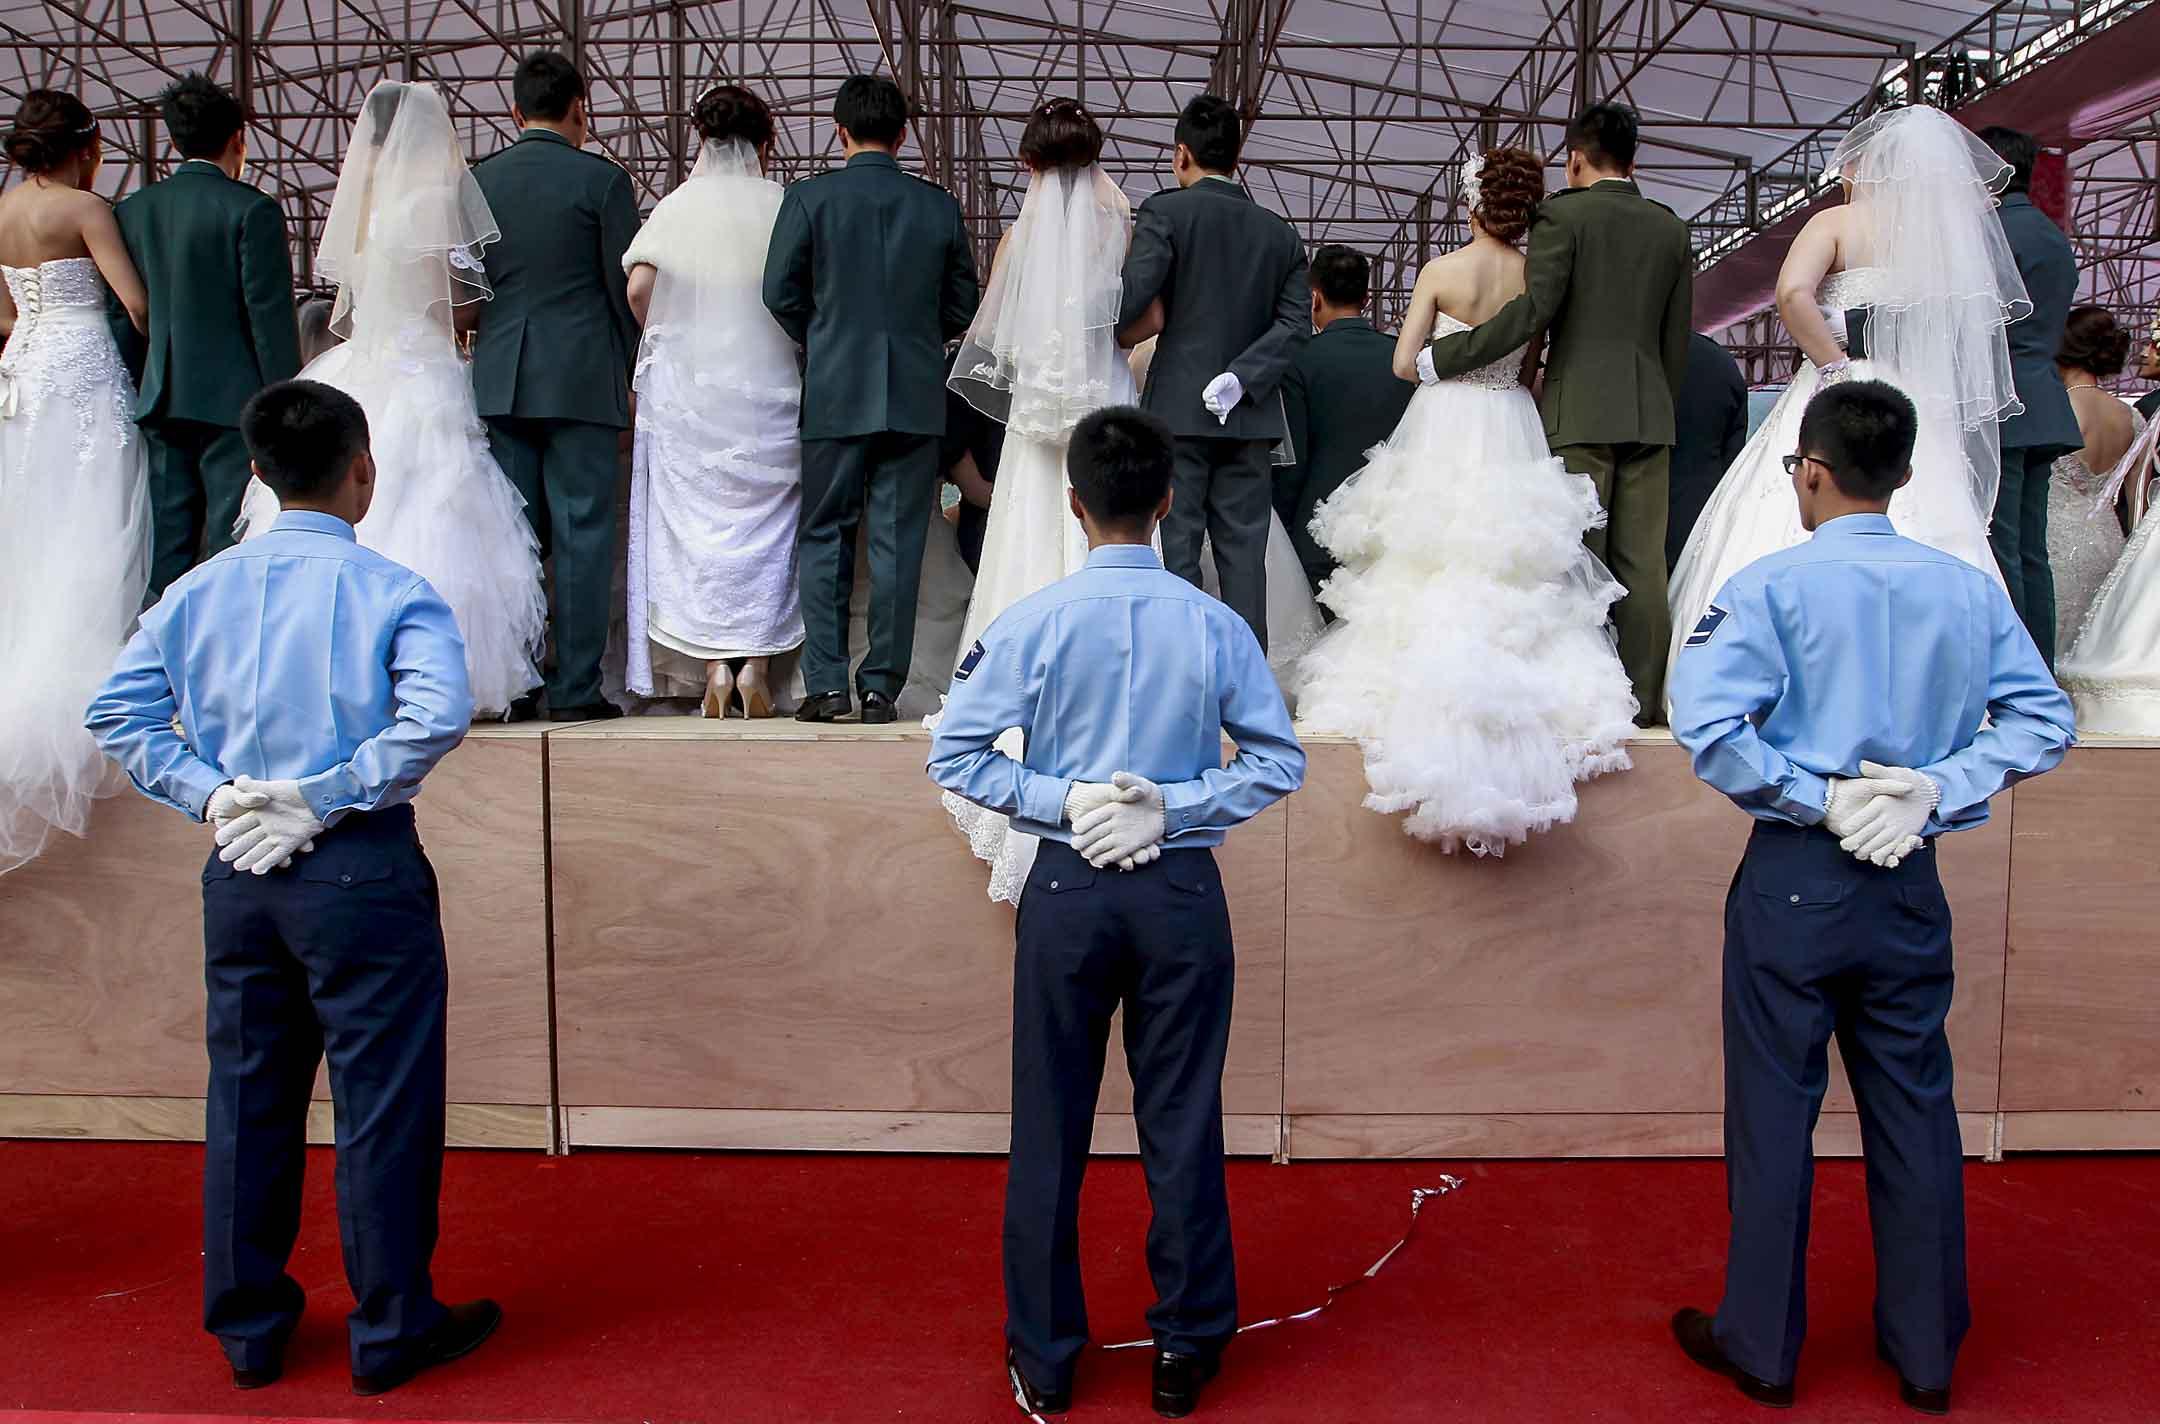 2013年10月18日,台北舉行的一個集體婚禮上,士兵們在台下,以防新婚夫婦合影時不小心摔倒。 攝:Pichi Chuang/Reuters/達志影像